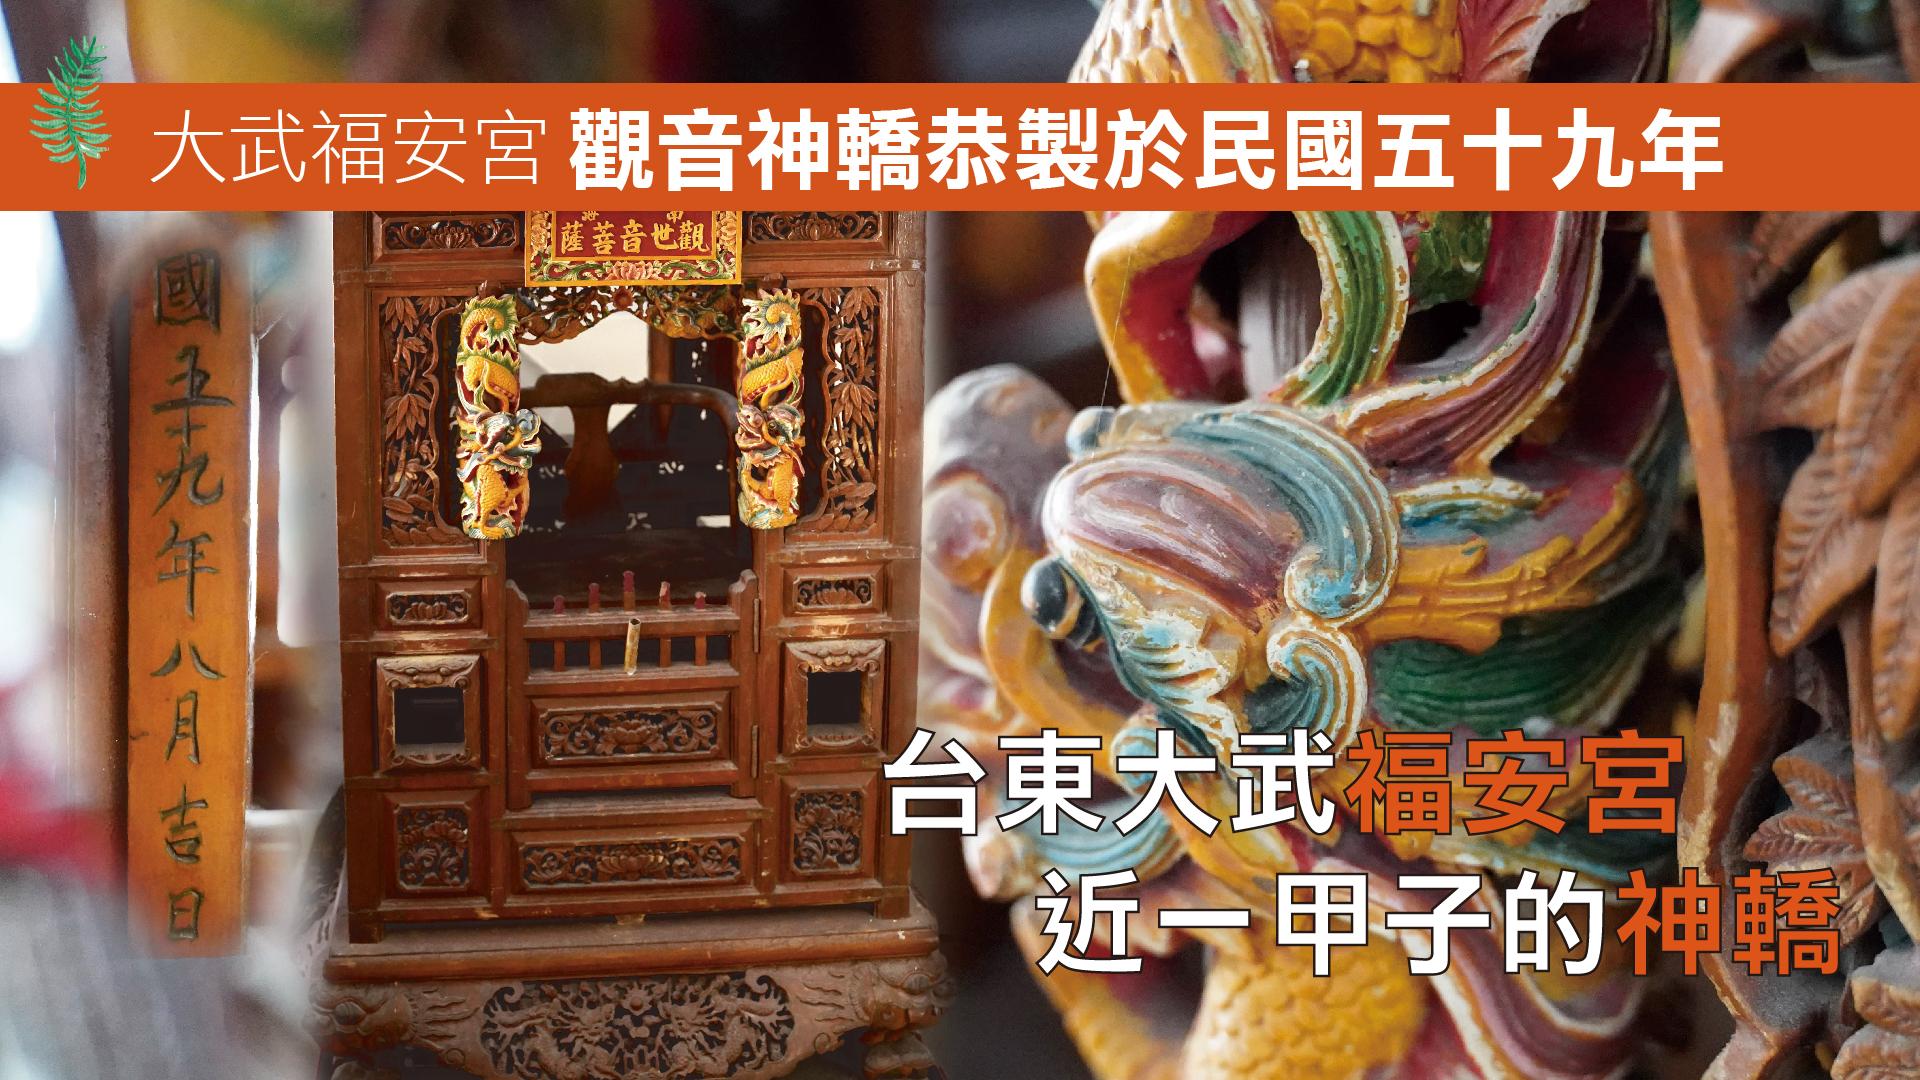 大武福安宮祭一甲子的神轎